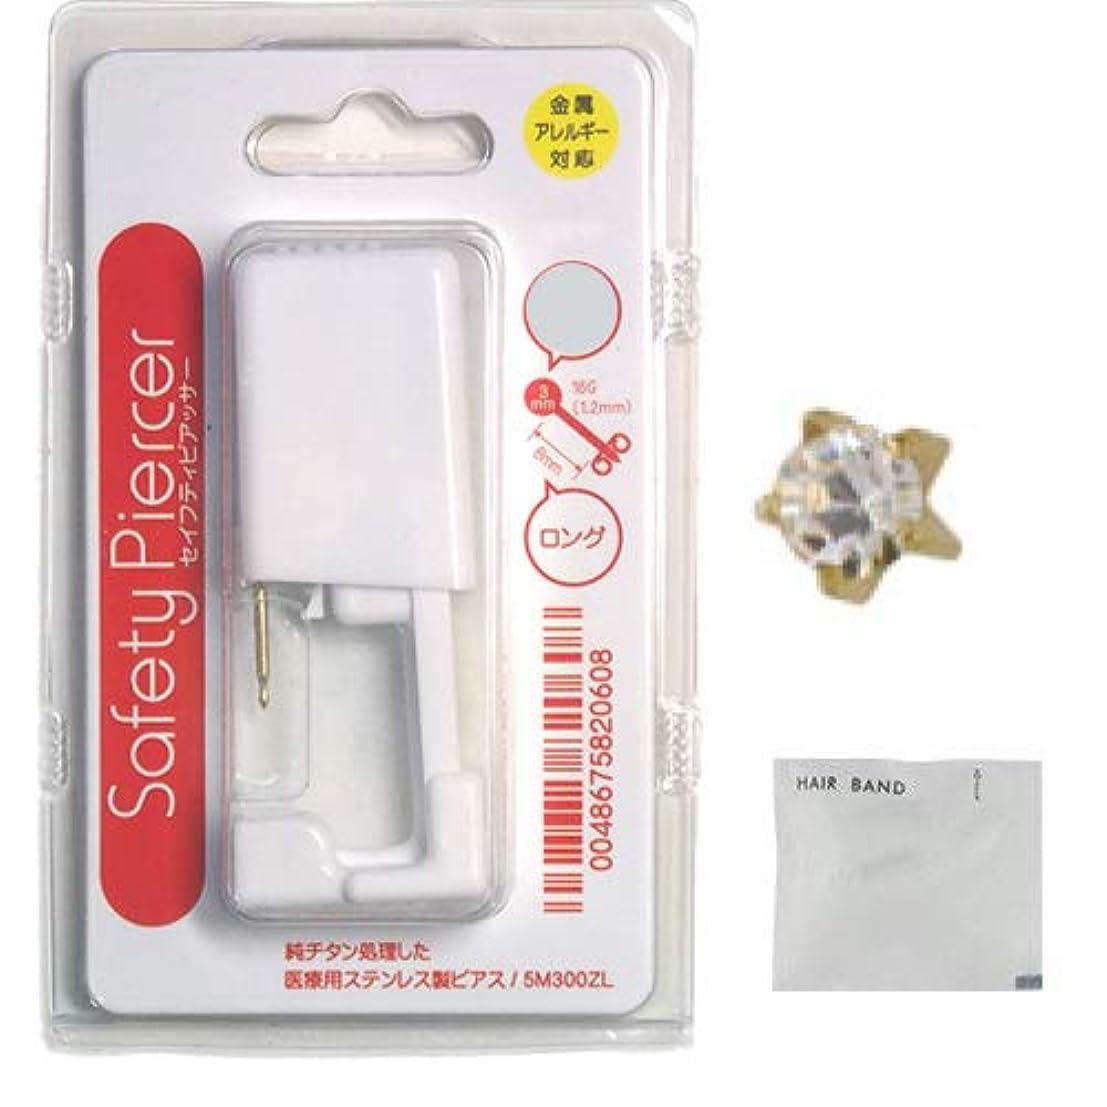 毛皮イブニング隠セイフティピアッサー シャンパンゴールド チタンロングタイプ(片耳用) 5M104WL 4月ダイヤモンド+ ヘアゴム(カラーはおまかせ)セット